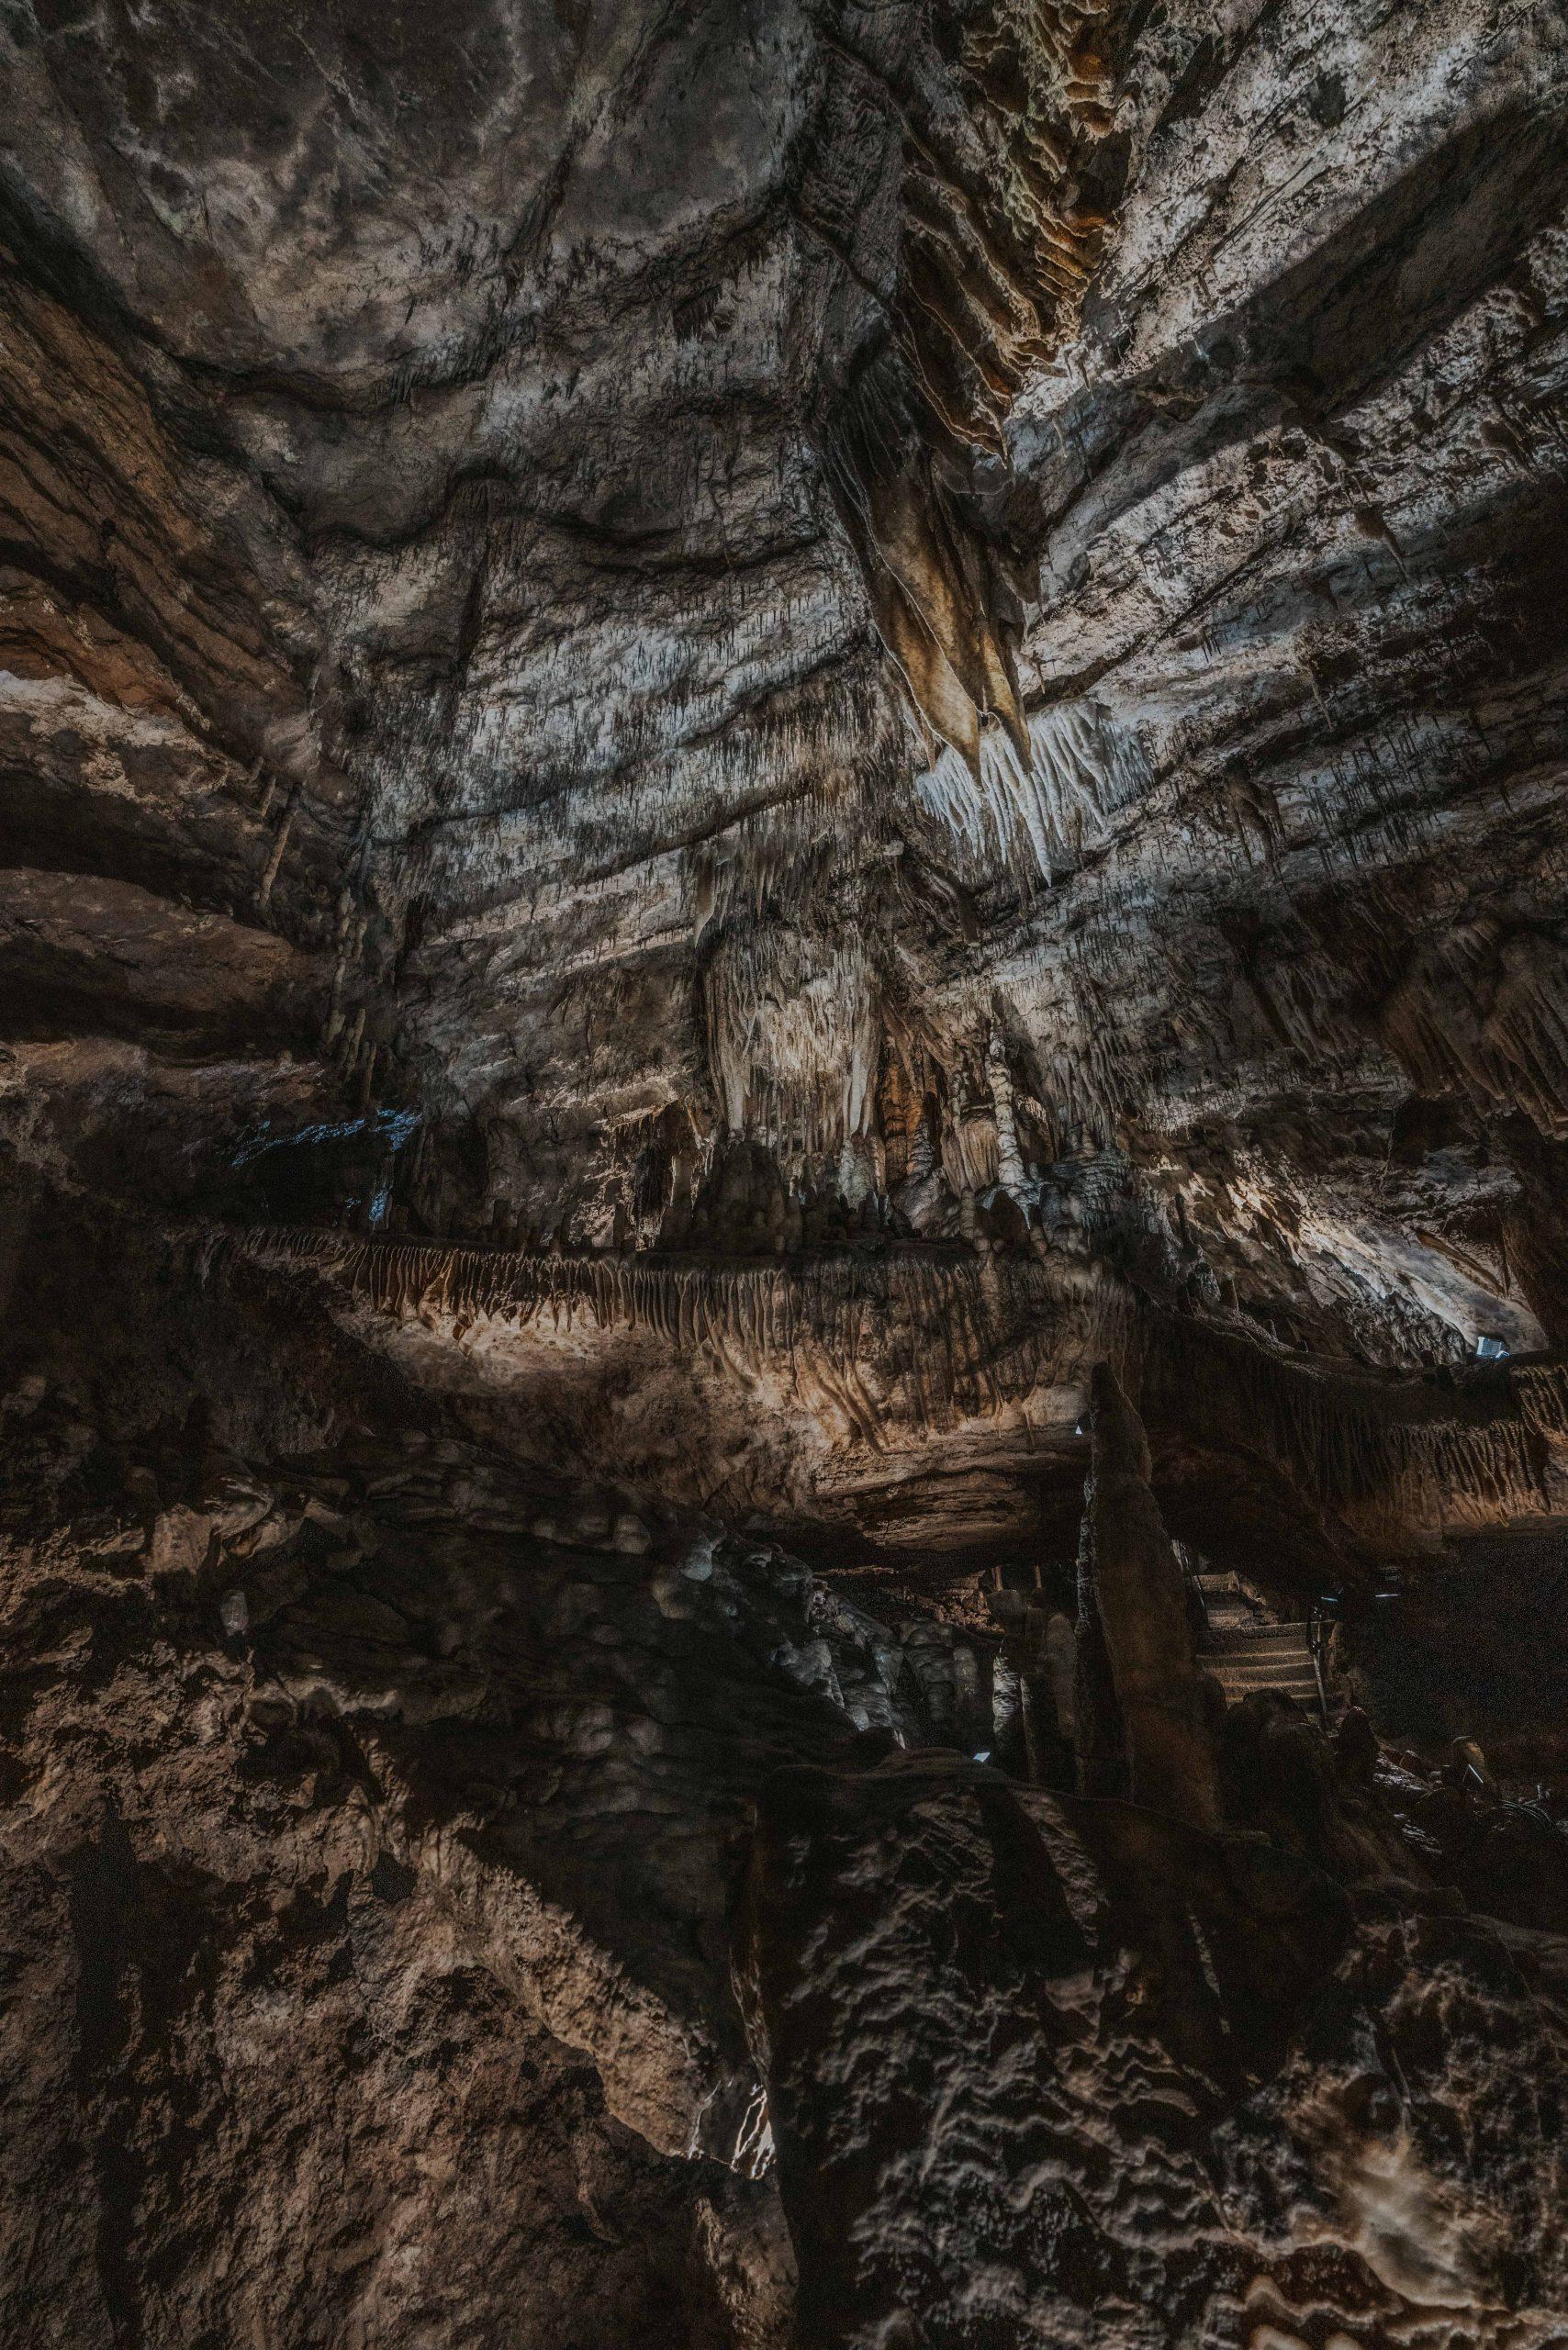 wildpark grotten van han